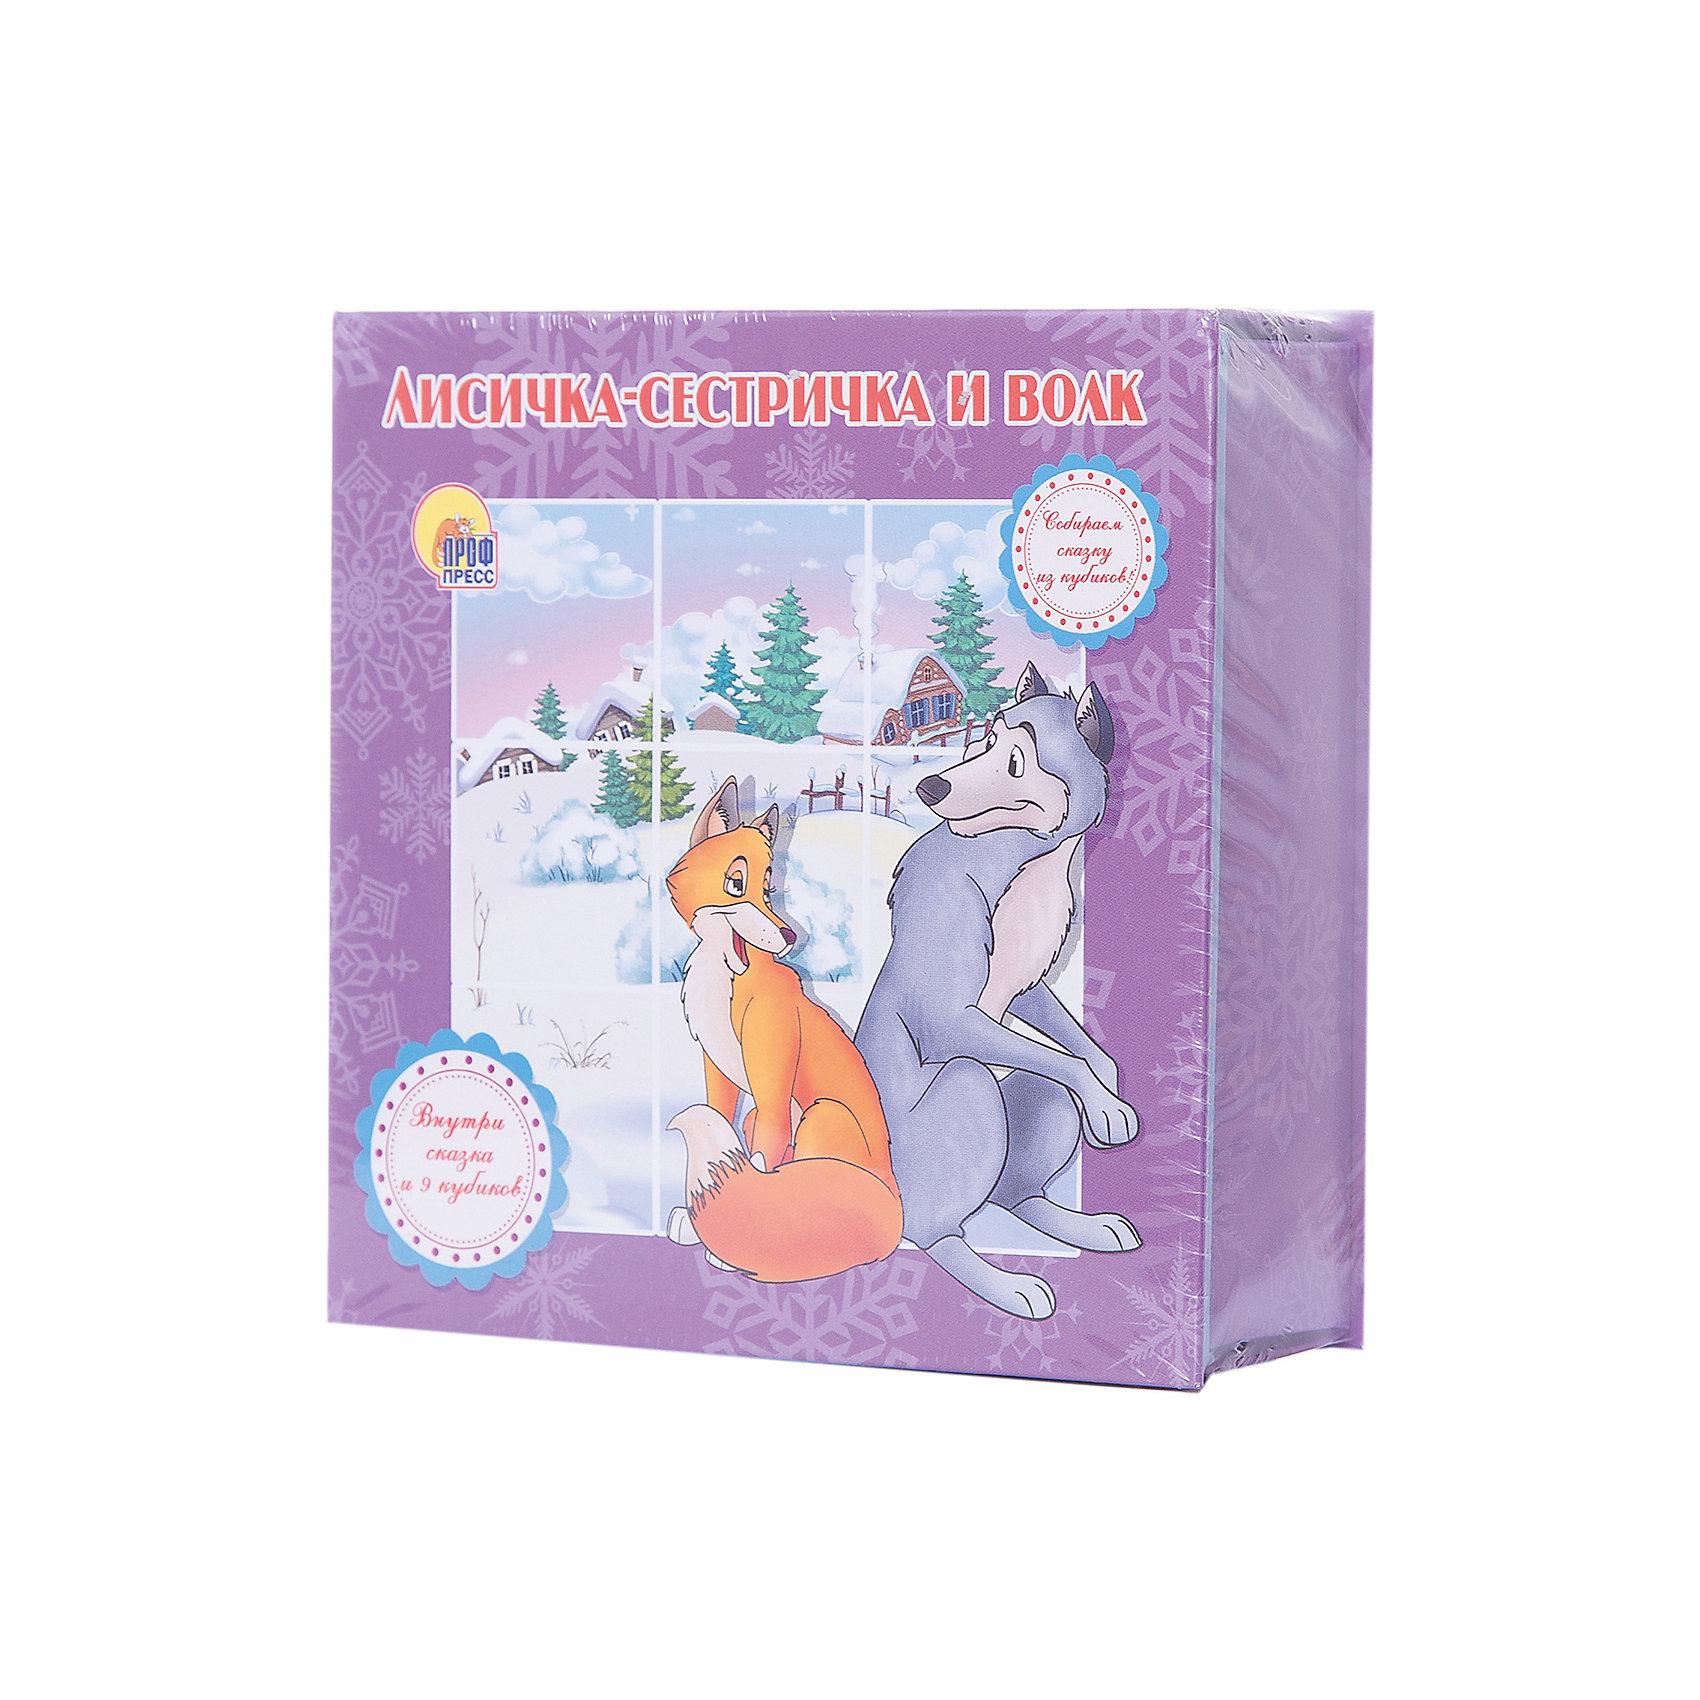 Книжка-игрушка Лисичка -сестричка и волкЭта серия книг - одновременно развивающие игрушки, набор кубиков, из которых можно собрать картинку из сказки. Книги - это лучший подарок не только взрослым, они помогают детям познавать мир и учиться читать, также книги позволяют ребенку весело проводить время. Они также стимулируют развитие воображения, логики и творческого мышления.<br>Это издание сделано специально для детей - с плотными страничками, и яркими картинками, которые обязательно понравятся малышам! Книга сделана из качественных и безопасных для детей материалов.<br>  <br>Дополнительная информация:<br><br>размер: 15х5х15 см;<br>кубиков: 9 шт;<br>вес: 305 г.<br><br>Книжку-игрушку Лисичка -сестричка и волк от издательства Проф-Пресс можно купить в нашем магазине.<br><br>Ширина мм: 145<br>Глубина мм: 52<br>Высота мм: 145<br>Вес г: 305<br>Возраст от месяцев: 0<br>Возраст до месяцев: 60<br>Пол: Унисекс<br>Возраст: Детский<br>SKU: 4787284